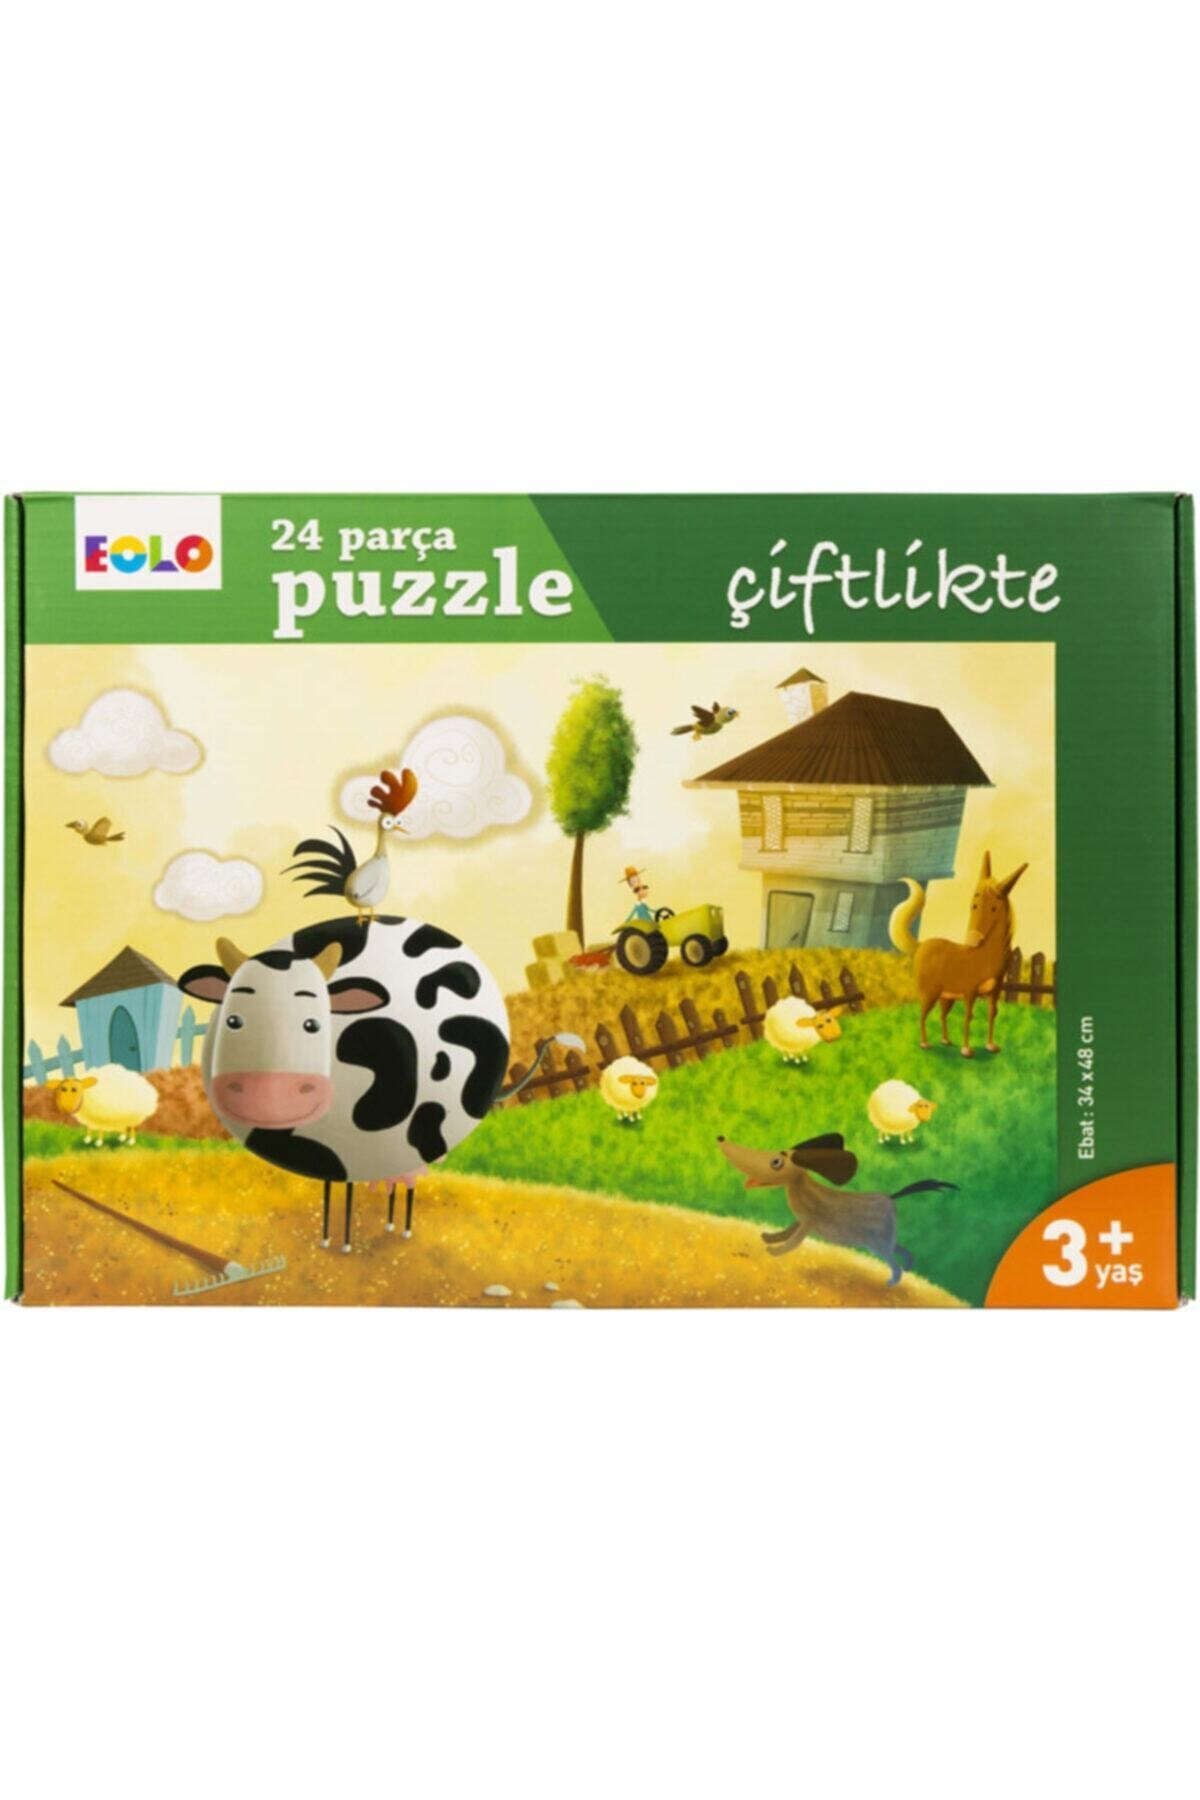 Eolo Çiftlikte 24 Parça Puzzle Çiftlikte 1